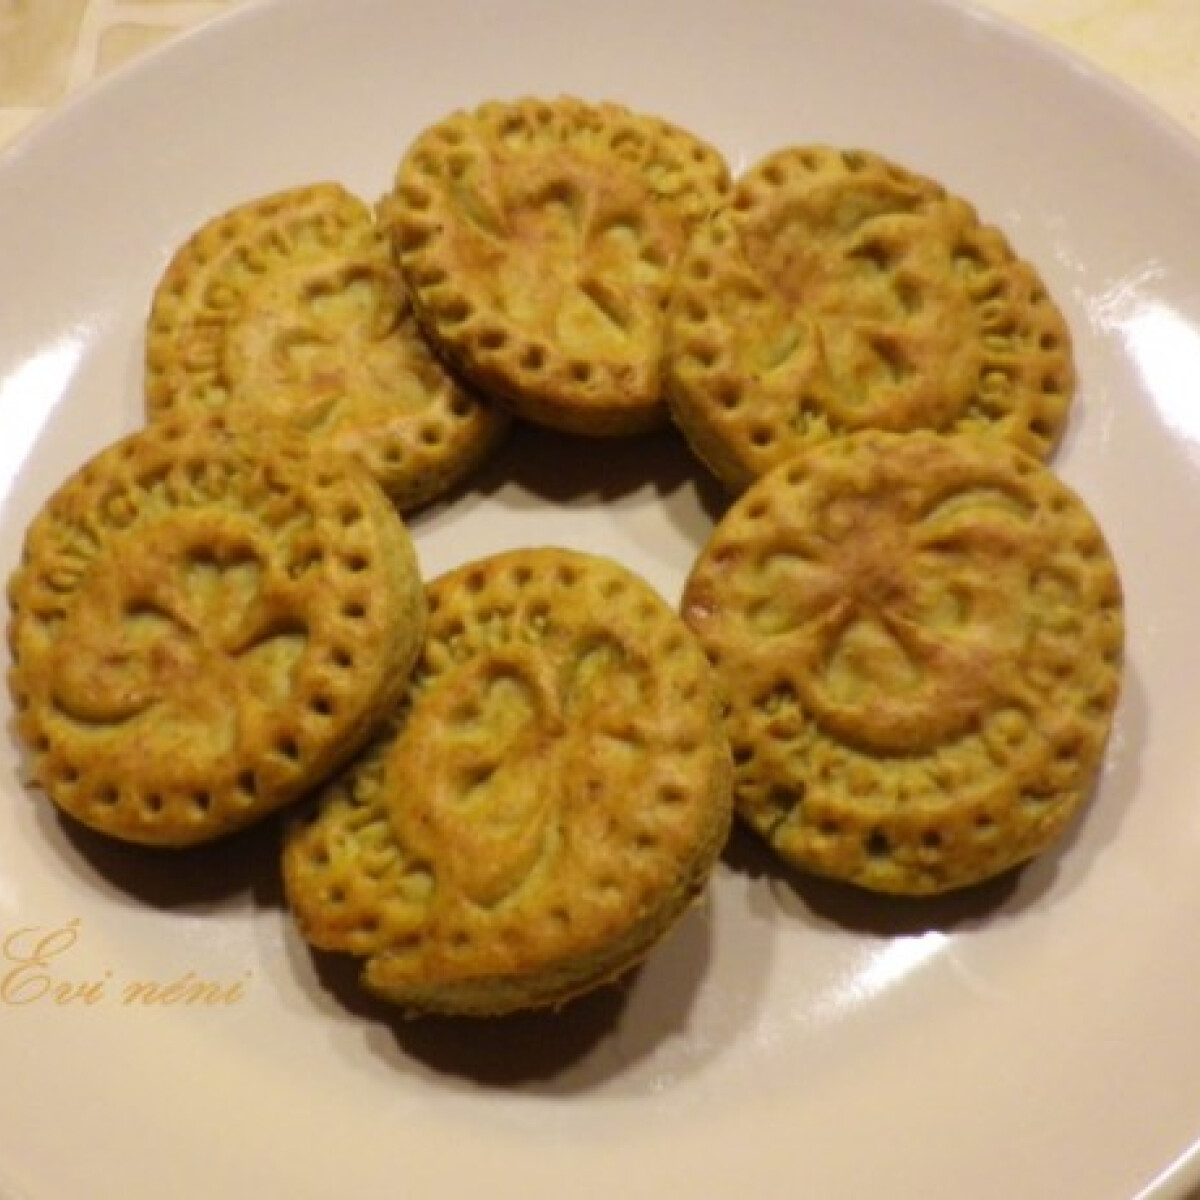 Ezen a képen: Pestos keksz